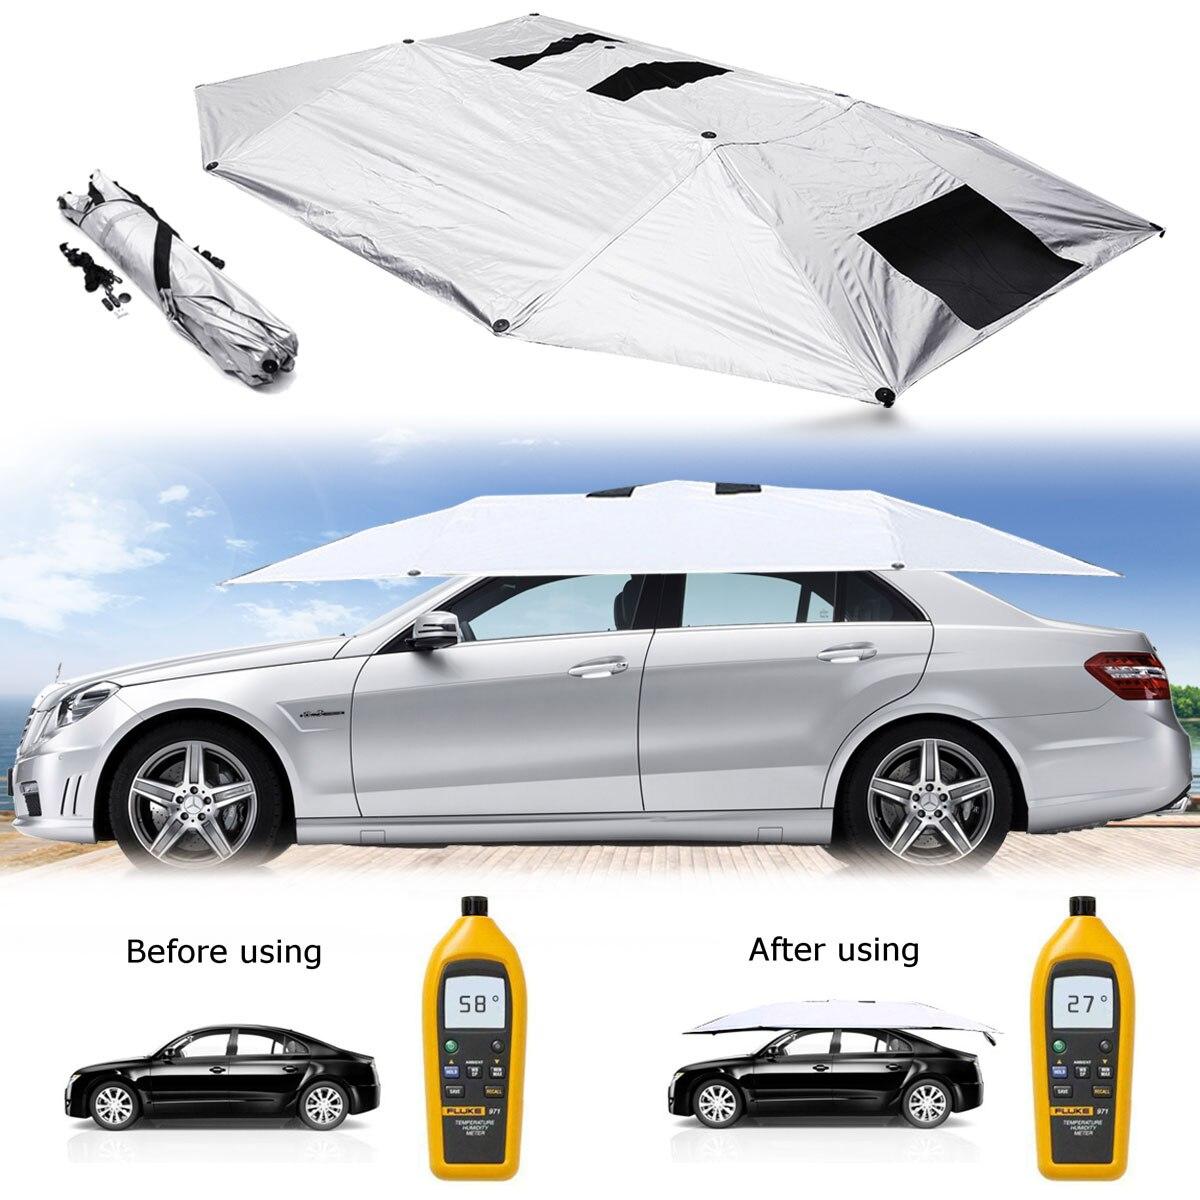 Portatile Esterna Rimovibile Auto Tenda Ombrello Tetto Parasole Copertura Della Protezione UV Auto Tenda Da Sole Accessori Auto Foglio di Protezione Del Sole